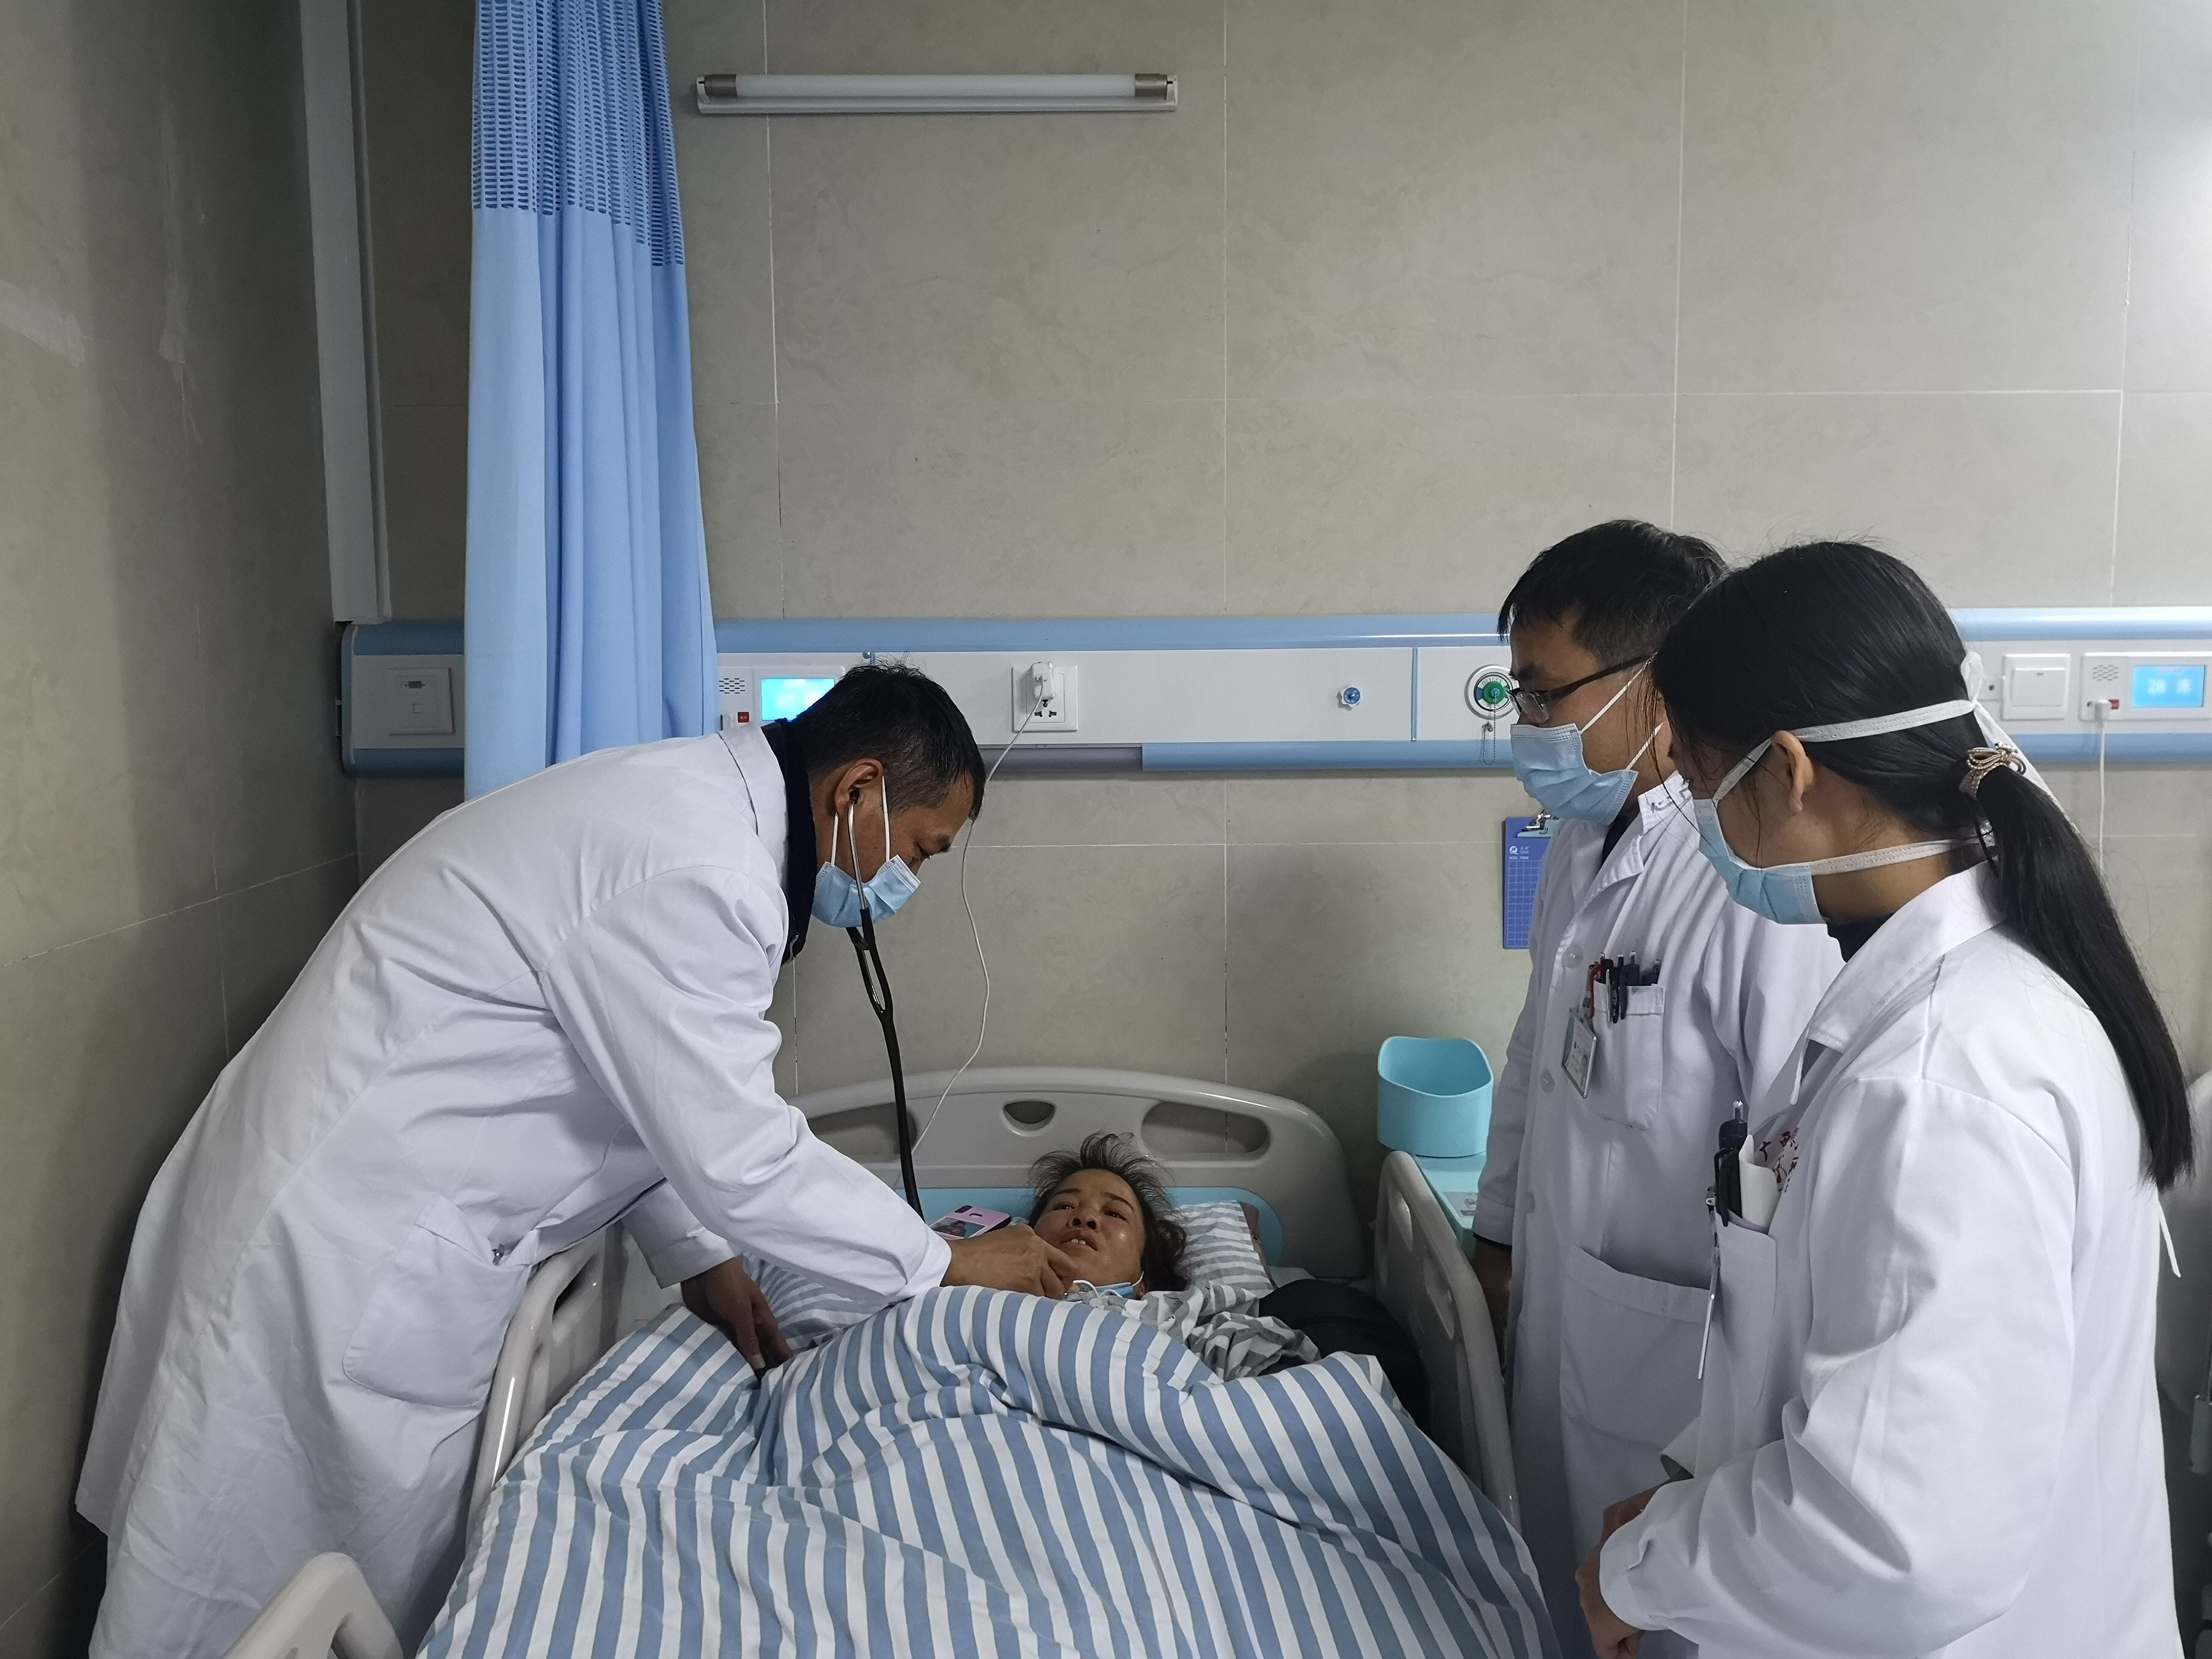 广西壮族自治区南溪山医院:扶贫慰问到家,医生帮扶入「心」